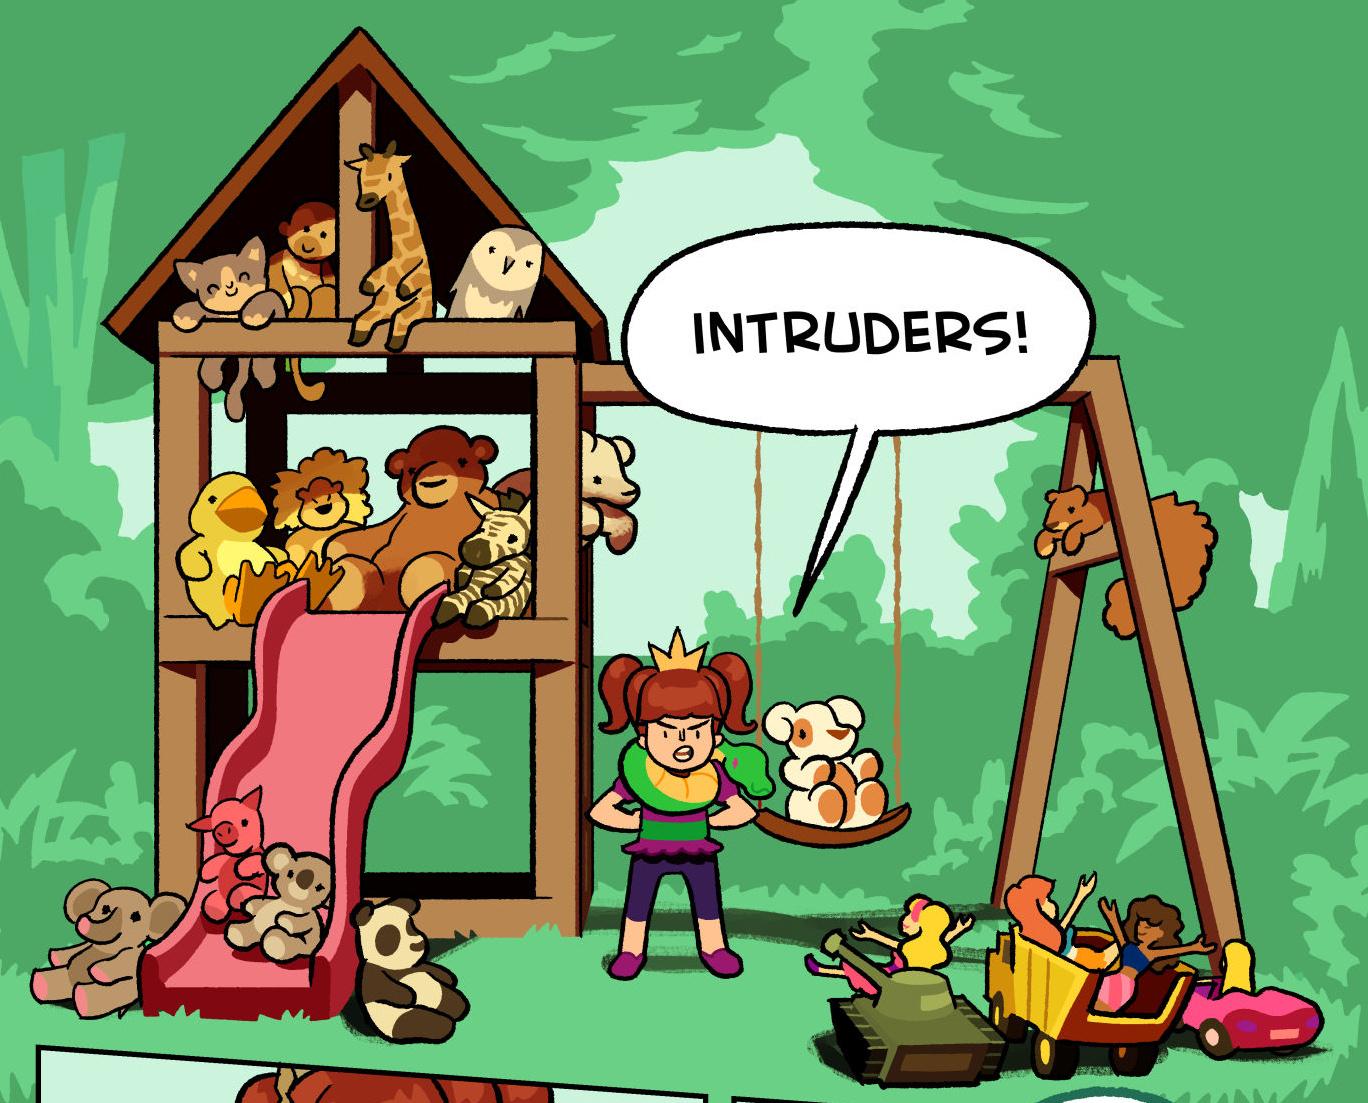 aq intruders.jpg